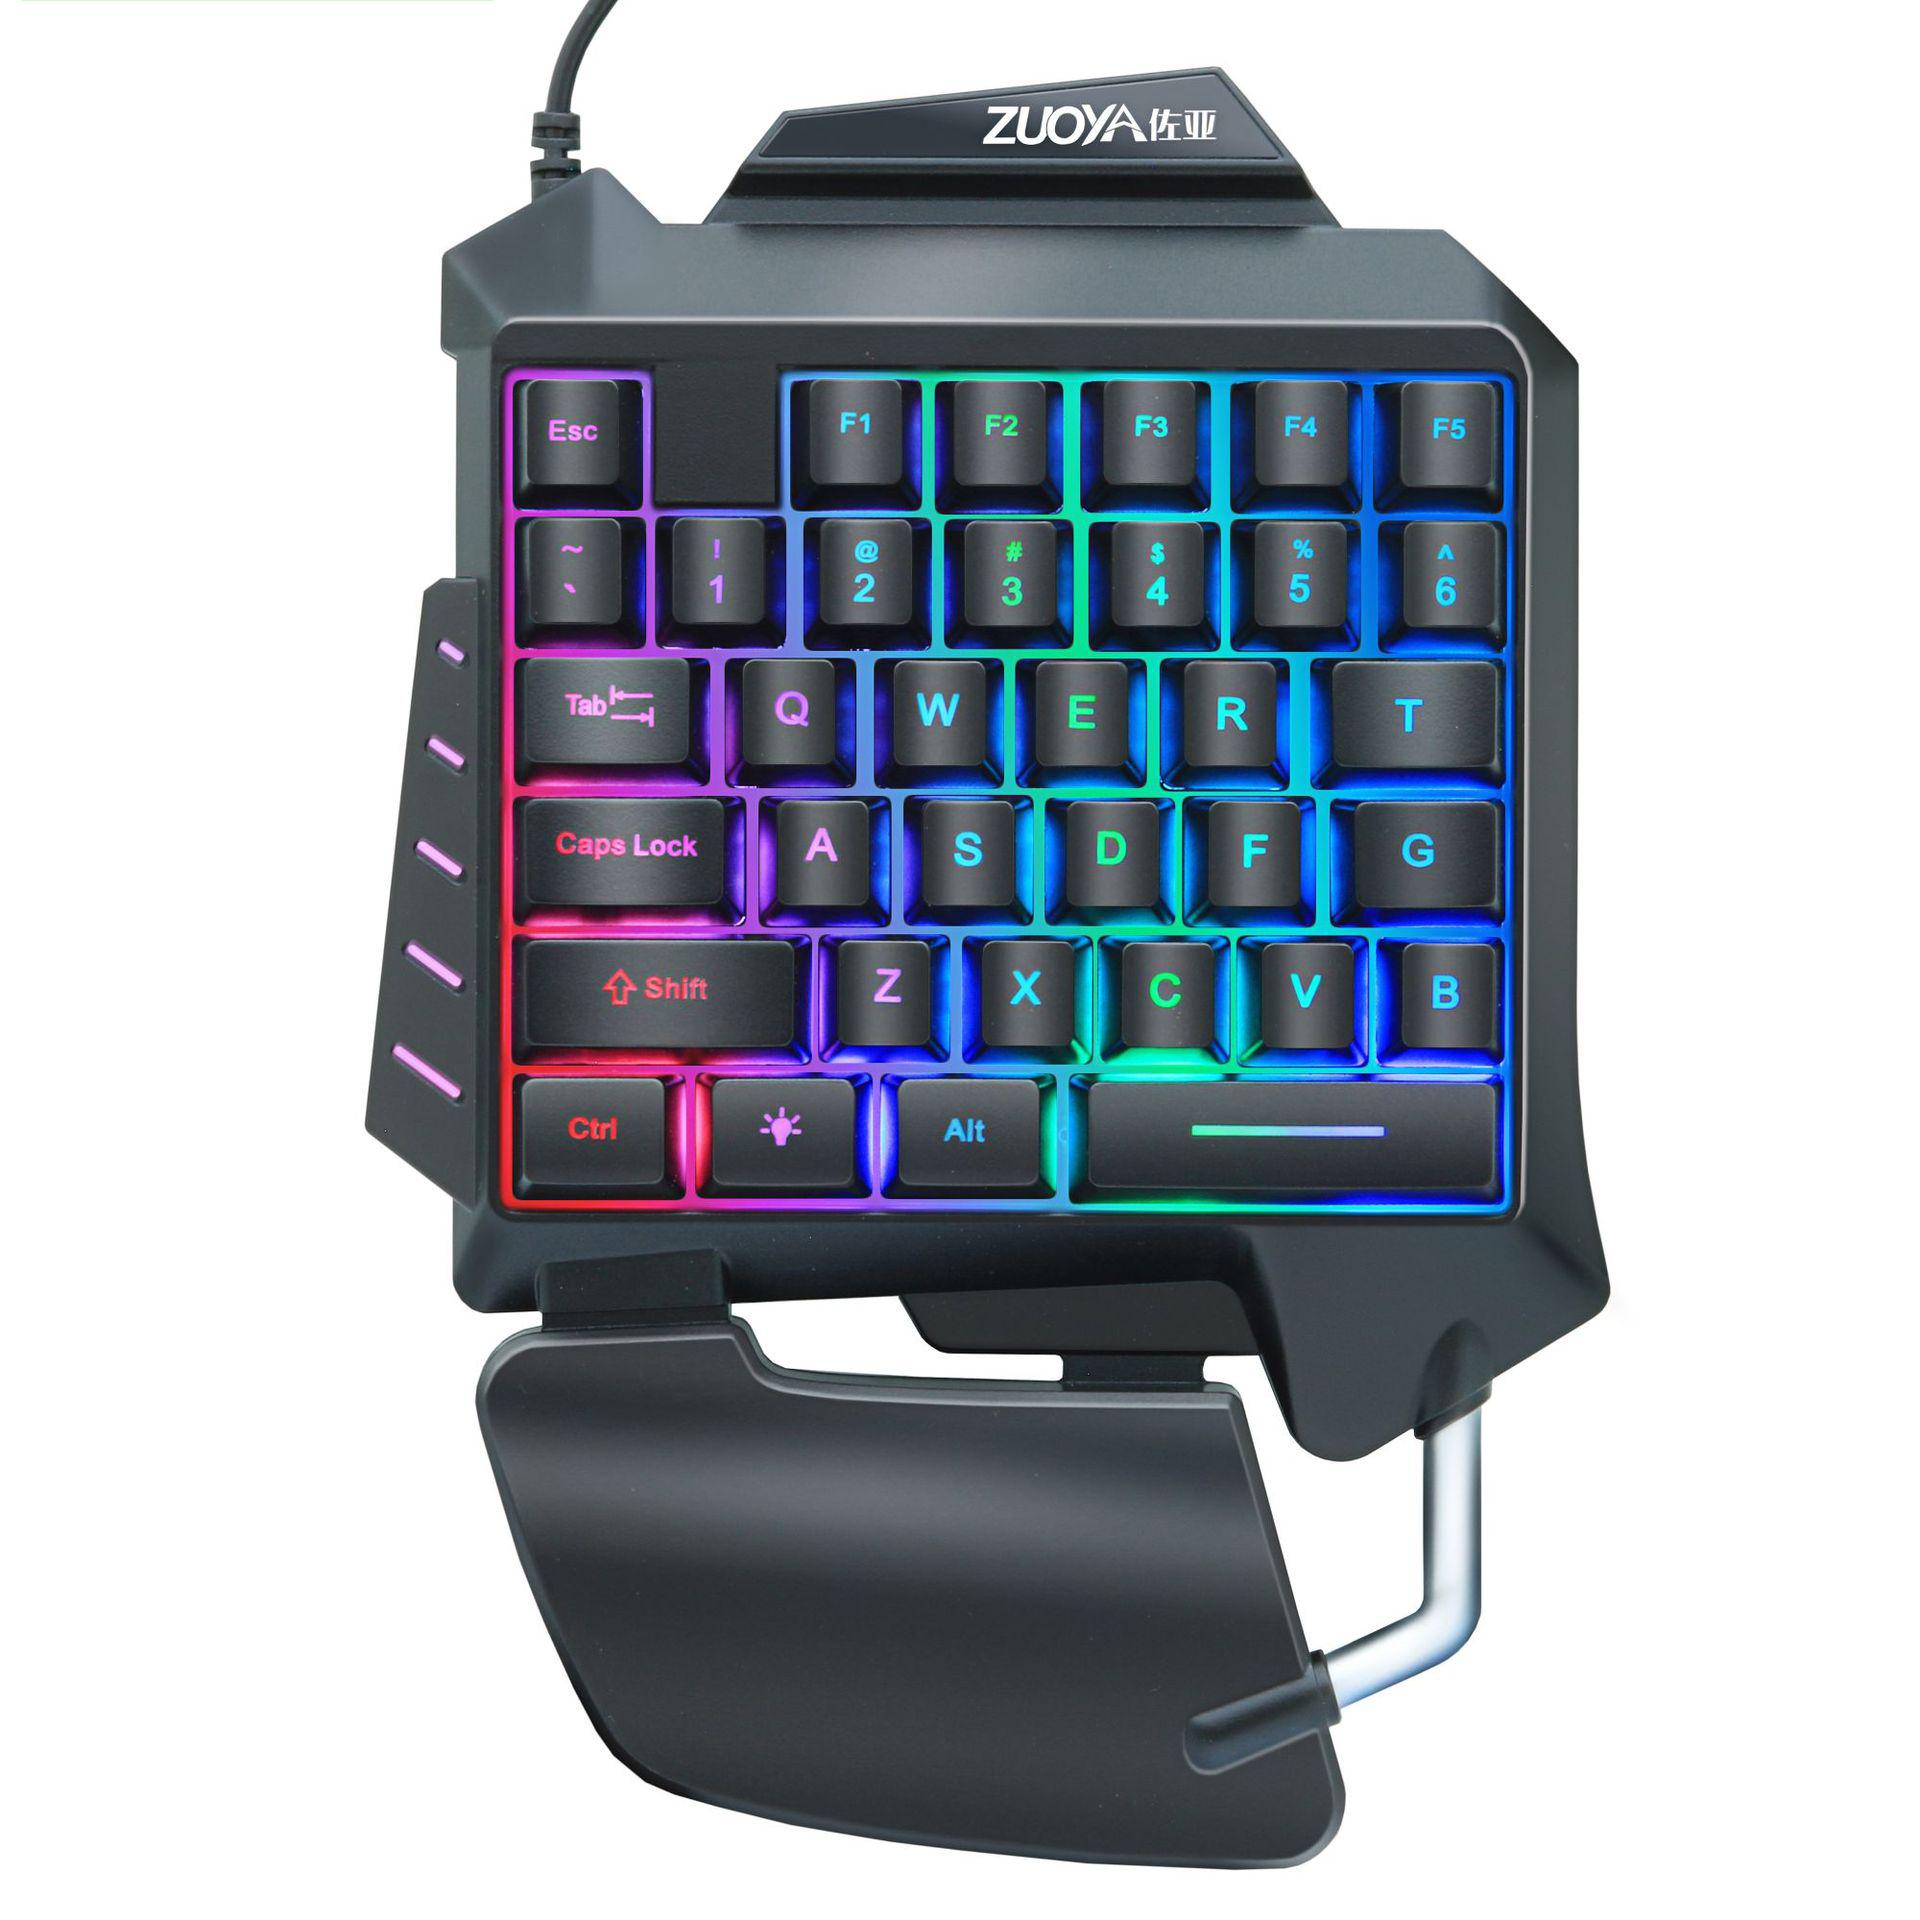 ZUOYA G92 Проводная одноручная игровая RGB-мембрана Клавиатура 35 клавиш One Ручная эргономичная игровая клавиатура для портативных ПК Pro PUBG Gamer